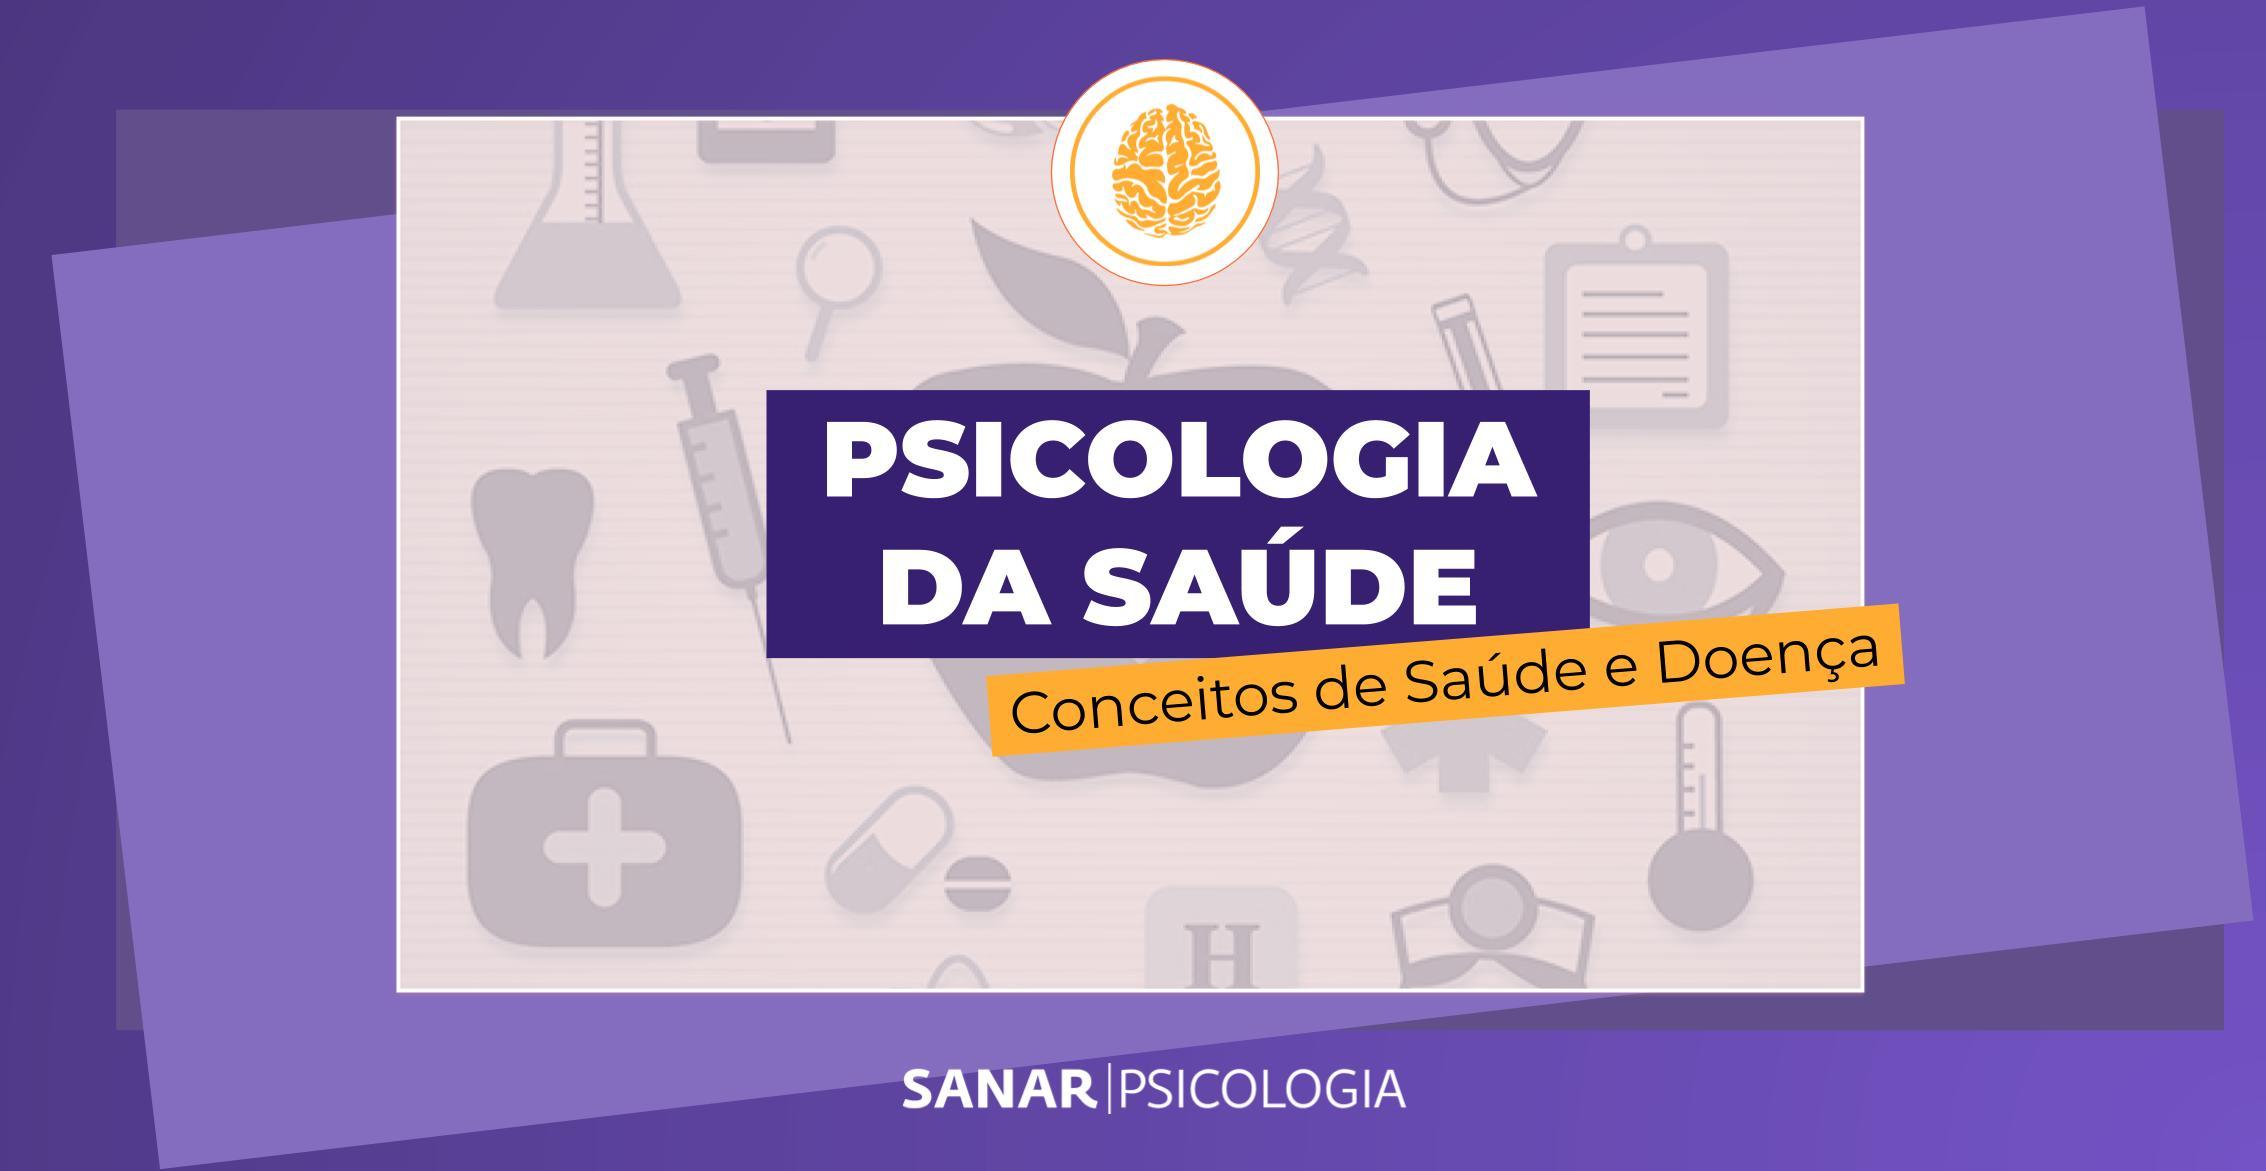 Psicologia da Saúde: Conceitos de Saúde e Doença